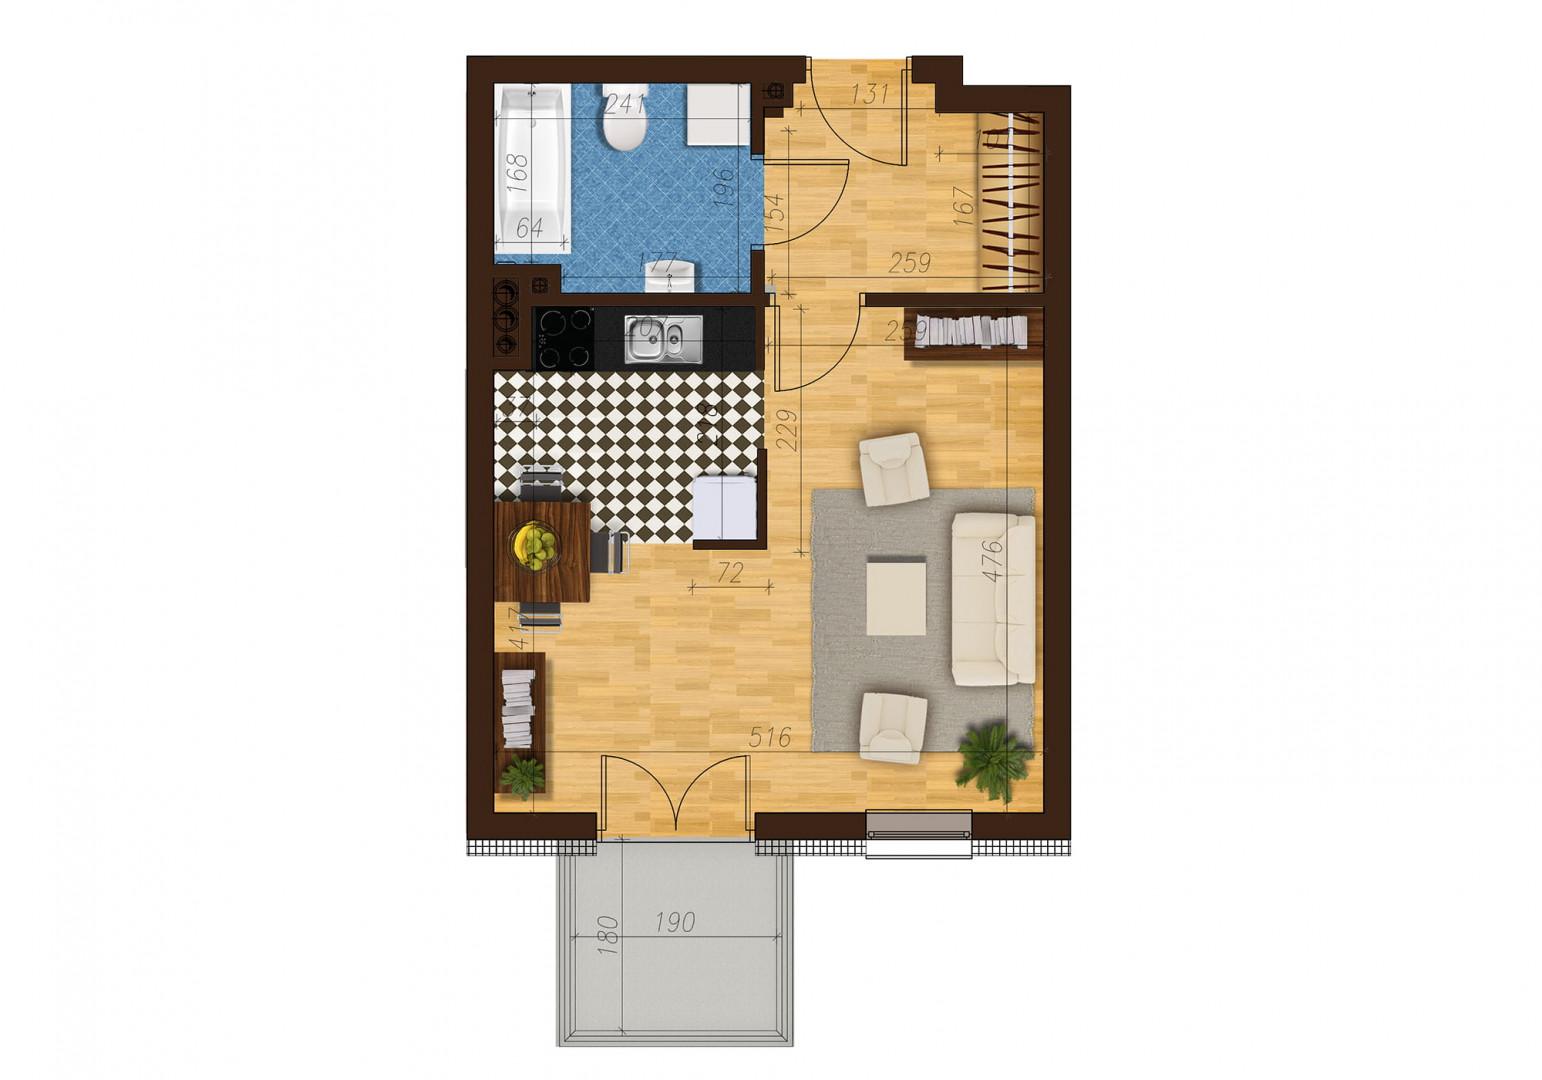 Mieszkanie jednopokojowe 33C/2 rzut 1